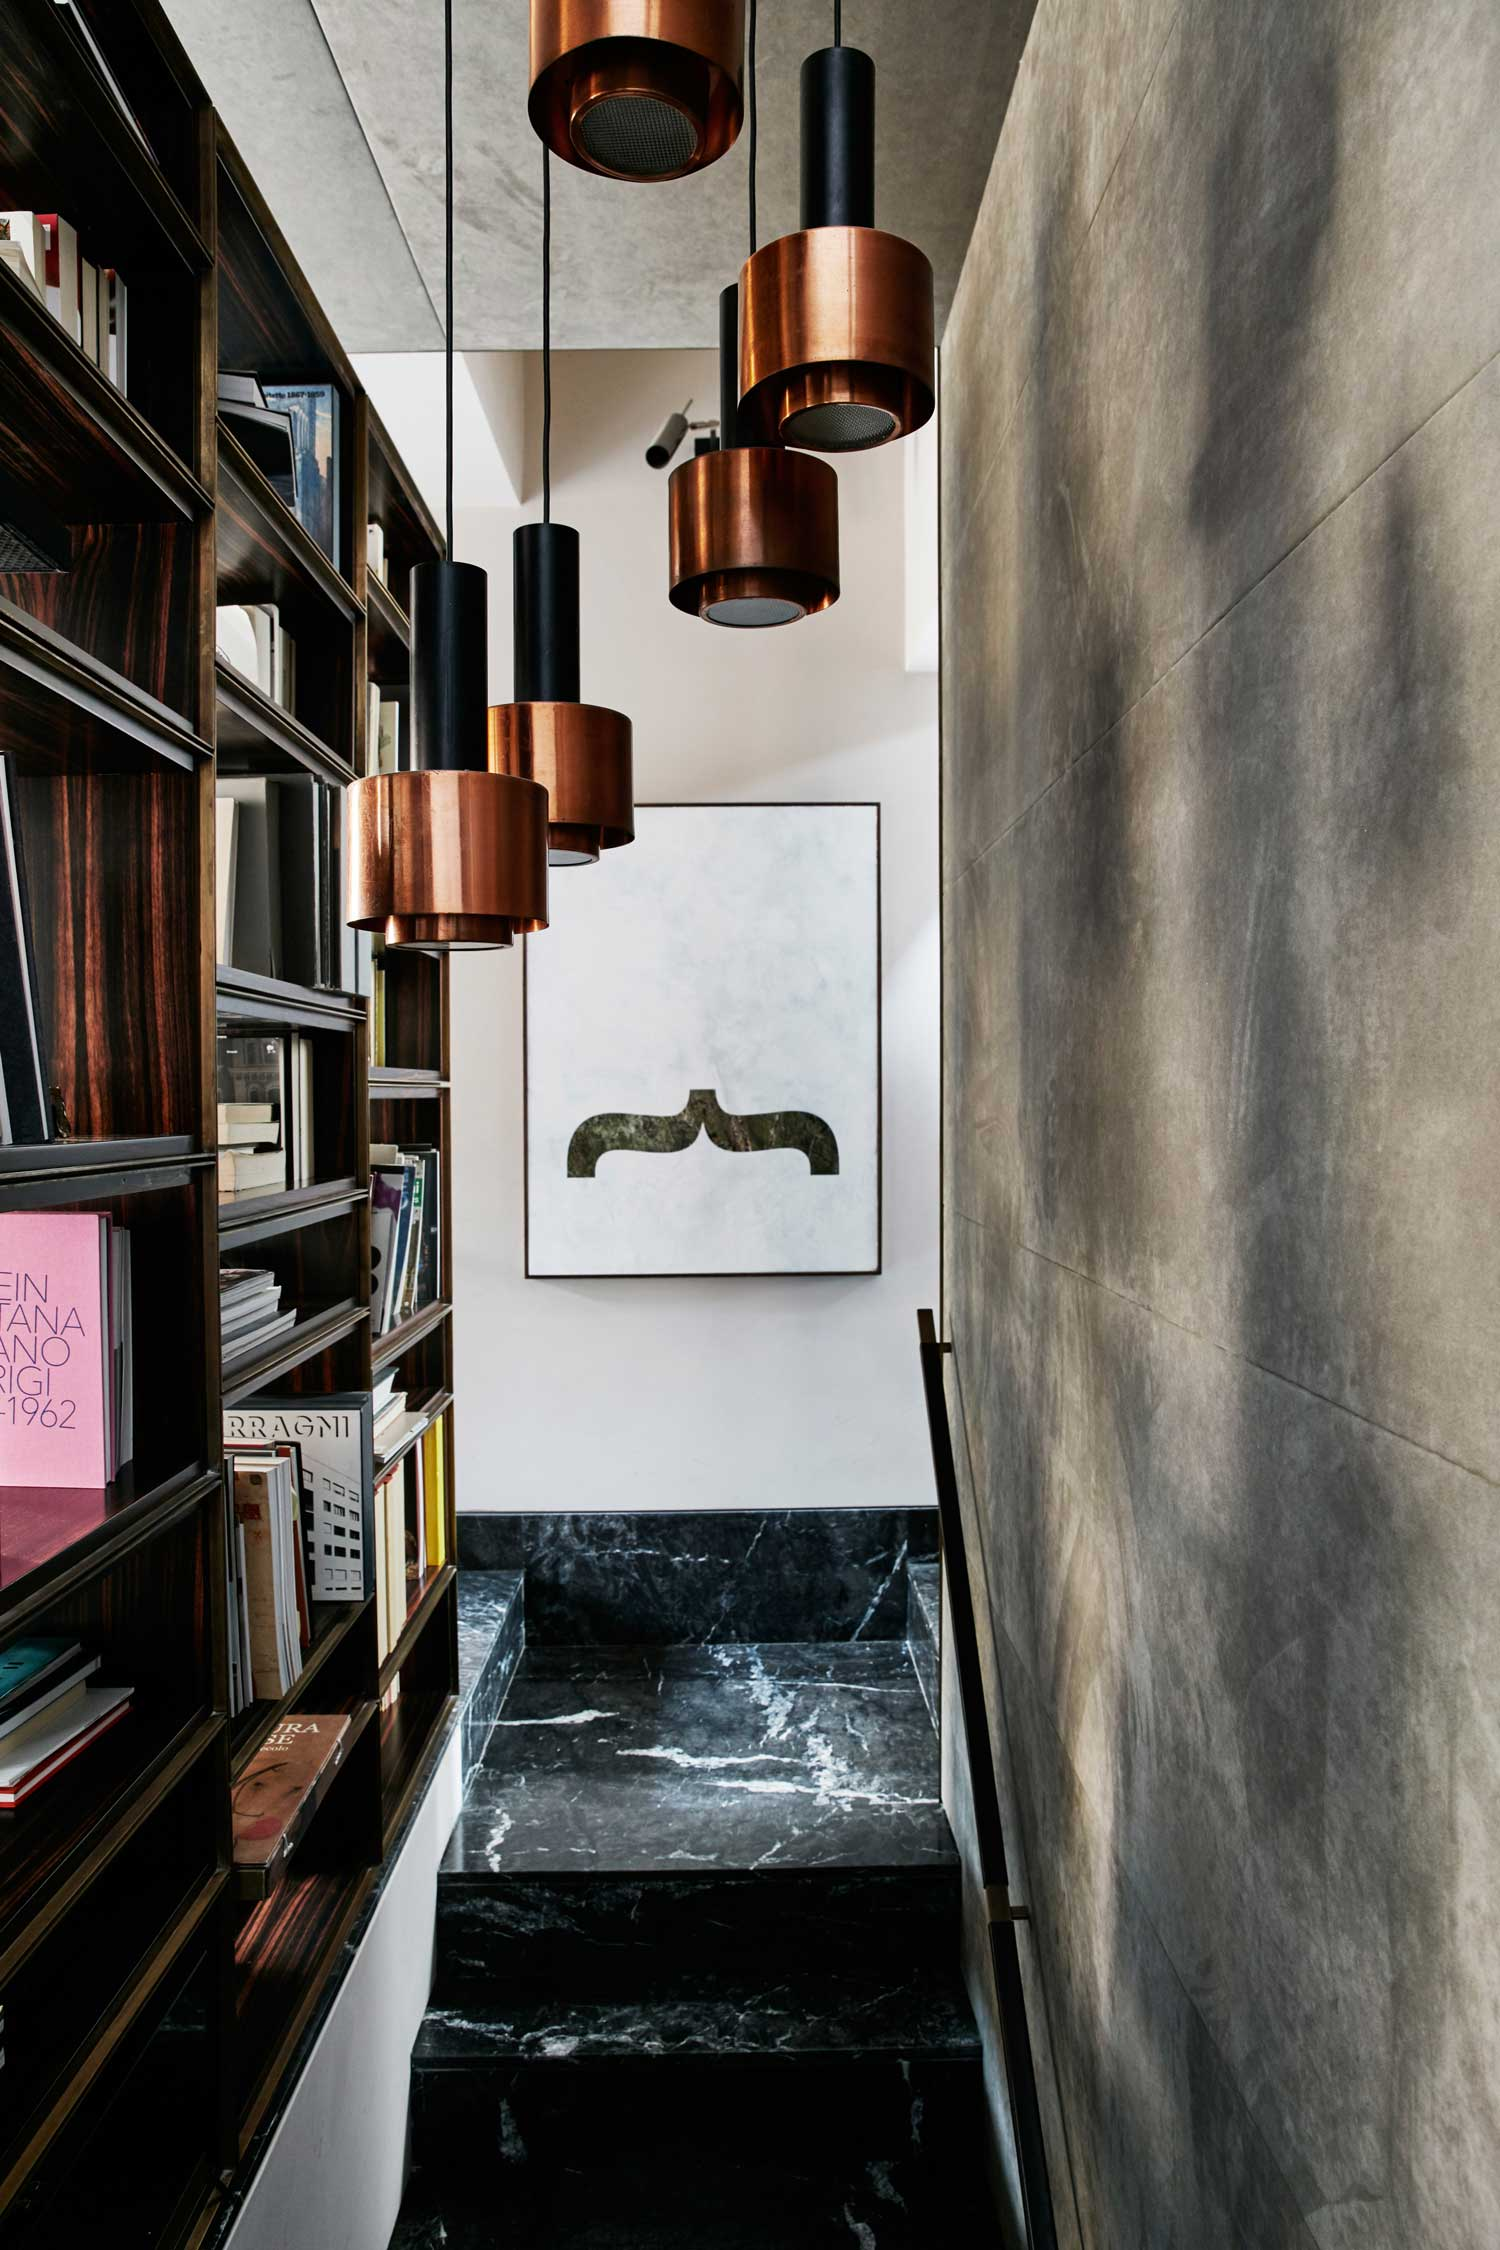 Casa in Via Baccina, Rome by Massimo Adario Architetto | Yellowtrace